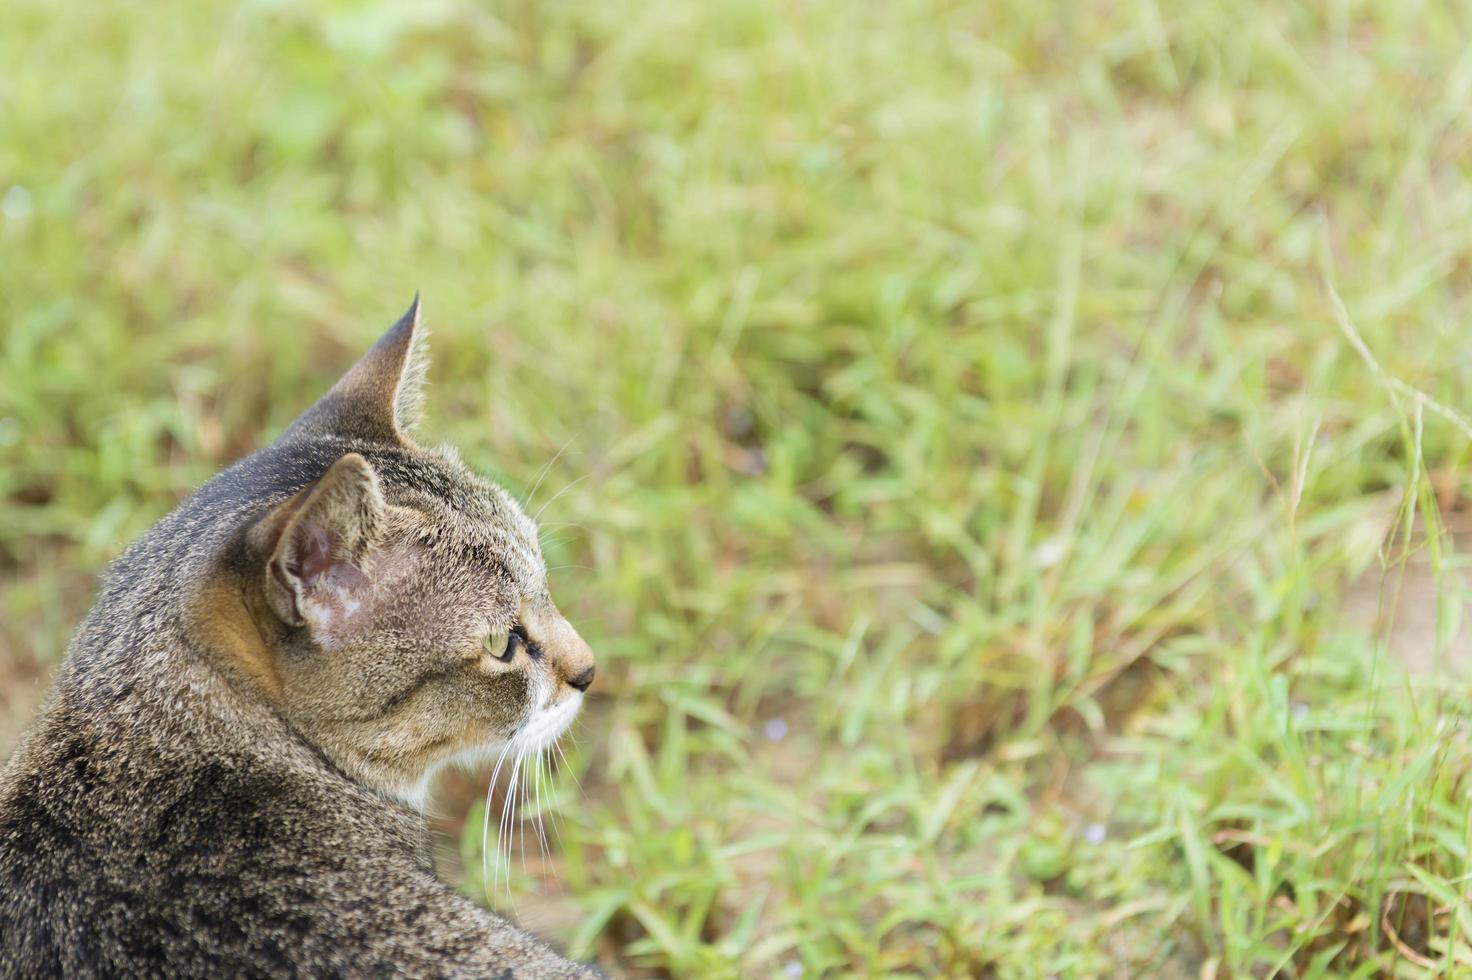 Katze auf der Suche nach grünem Gras auf Naturhintergrund foto